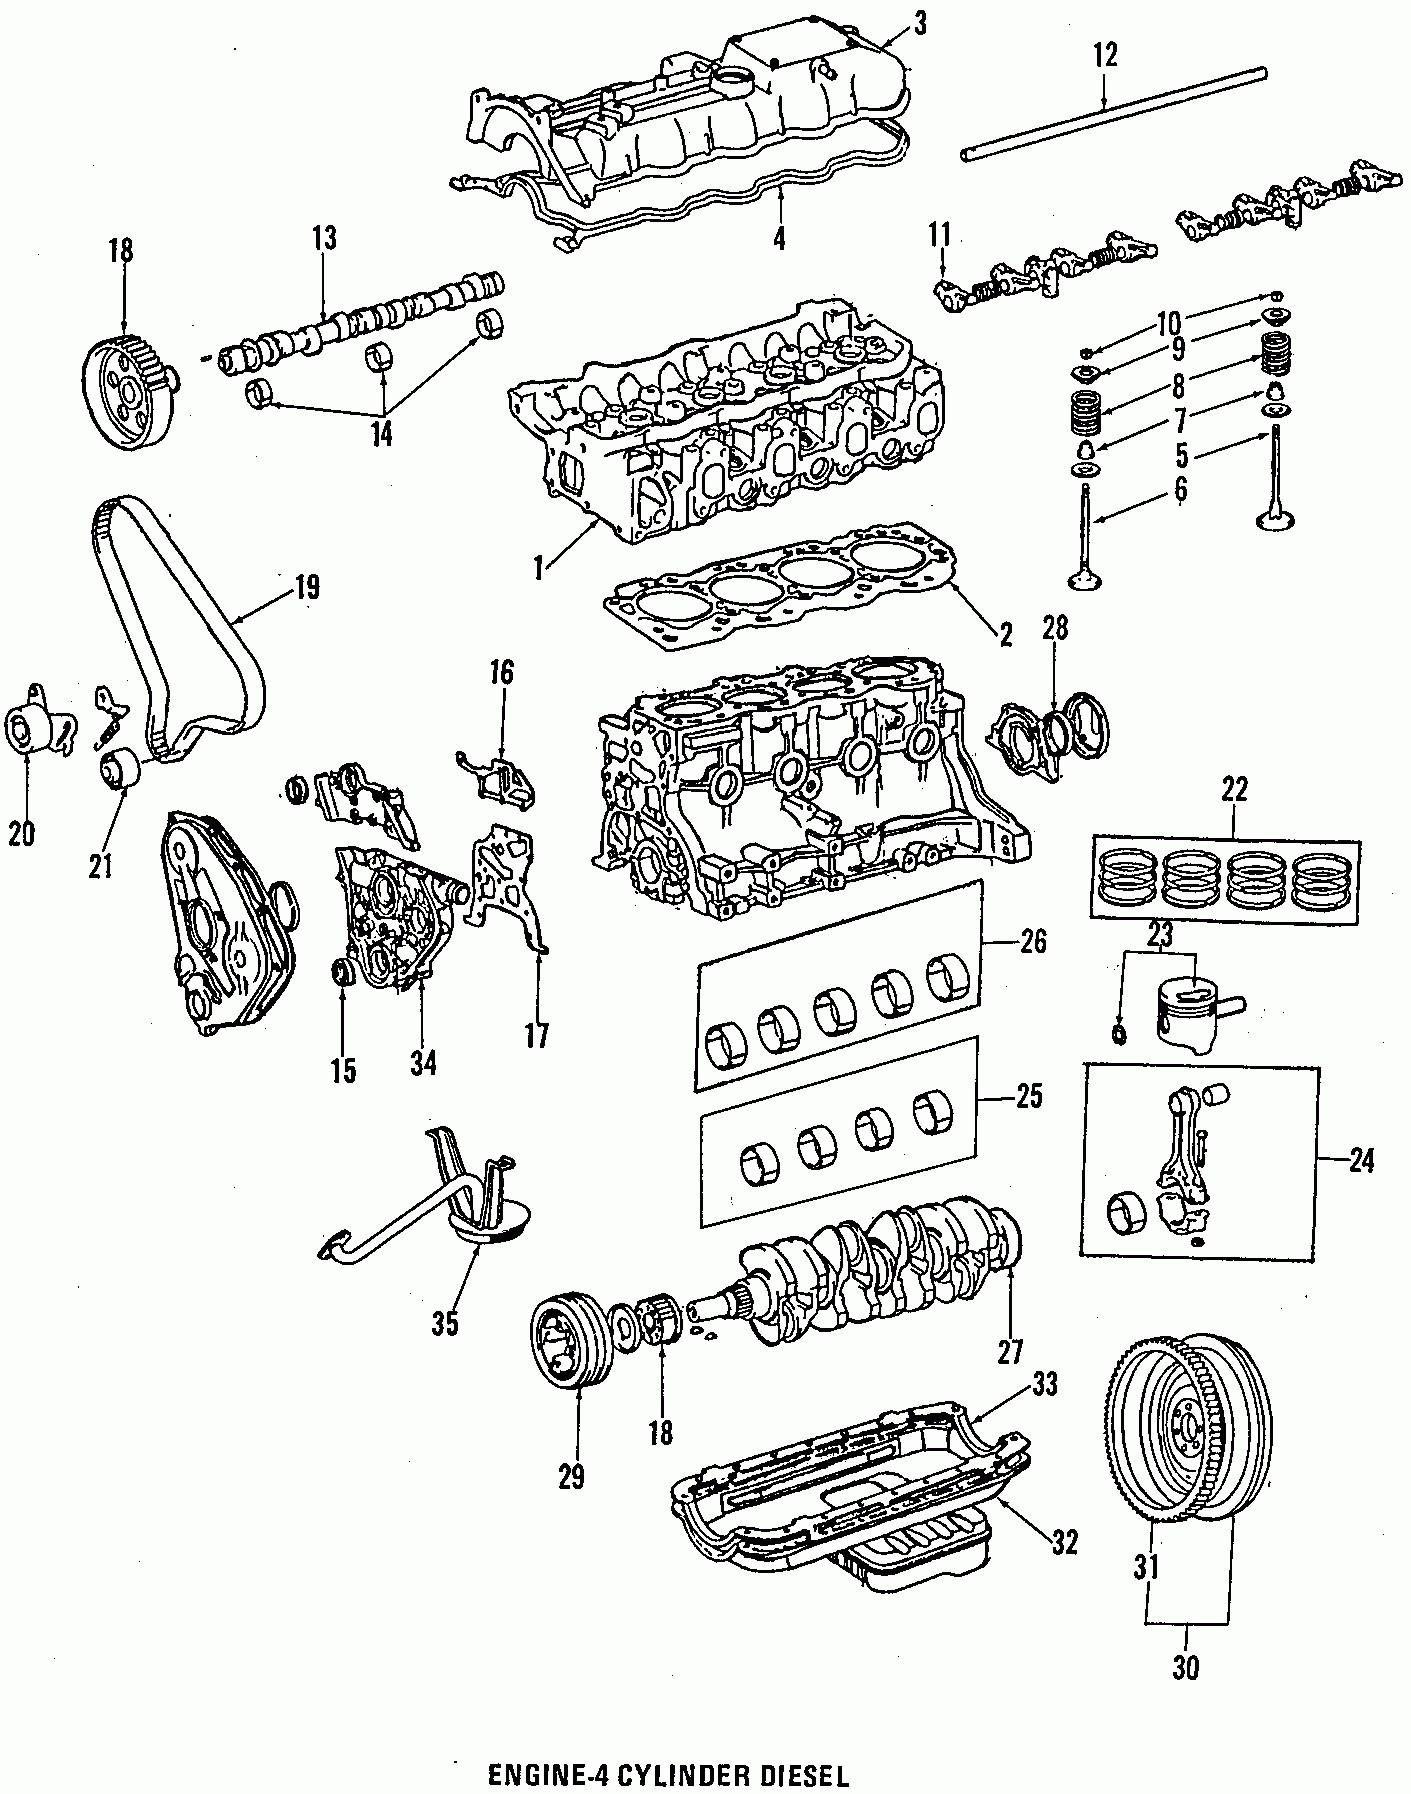 Toyota Sequoia Parts Diagram